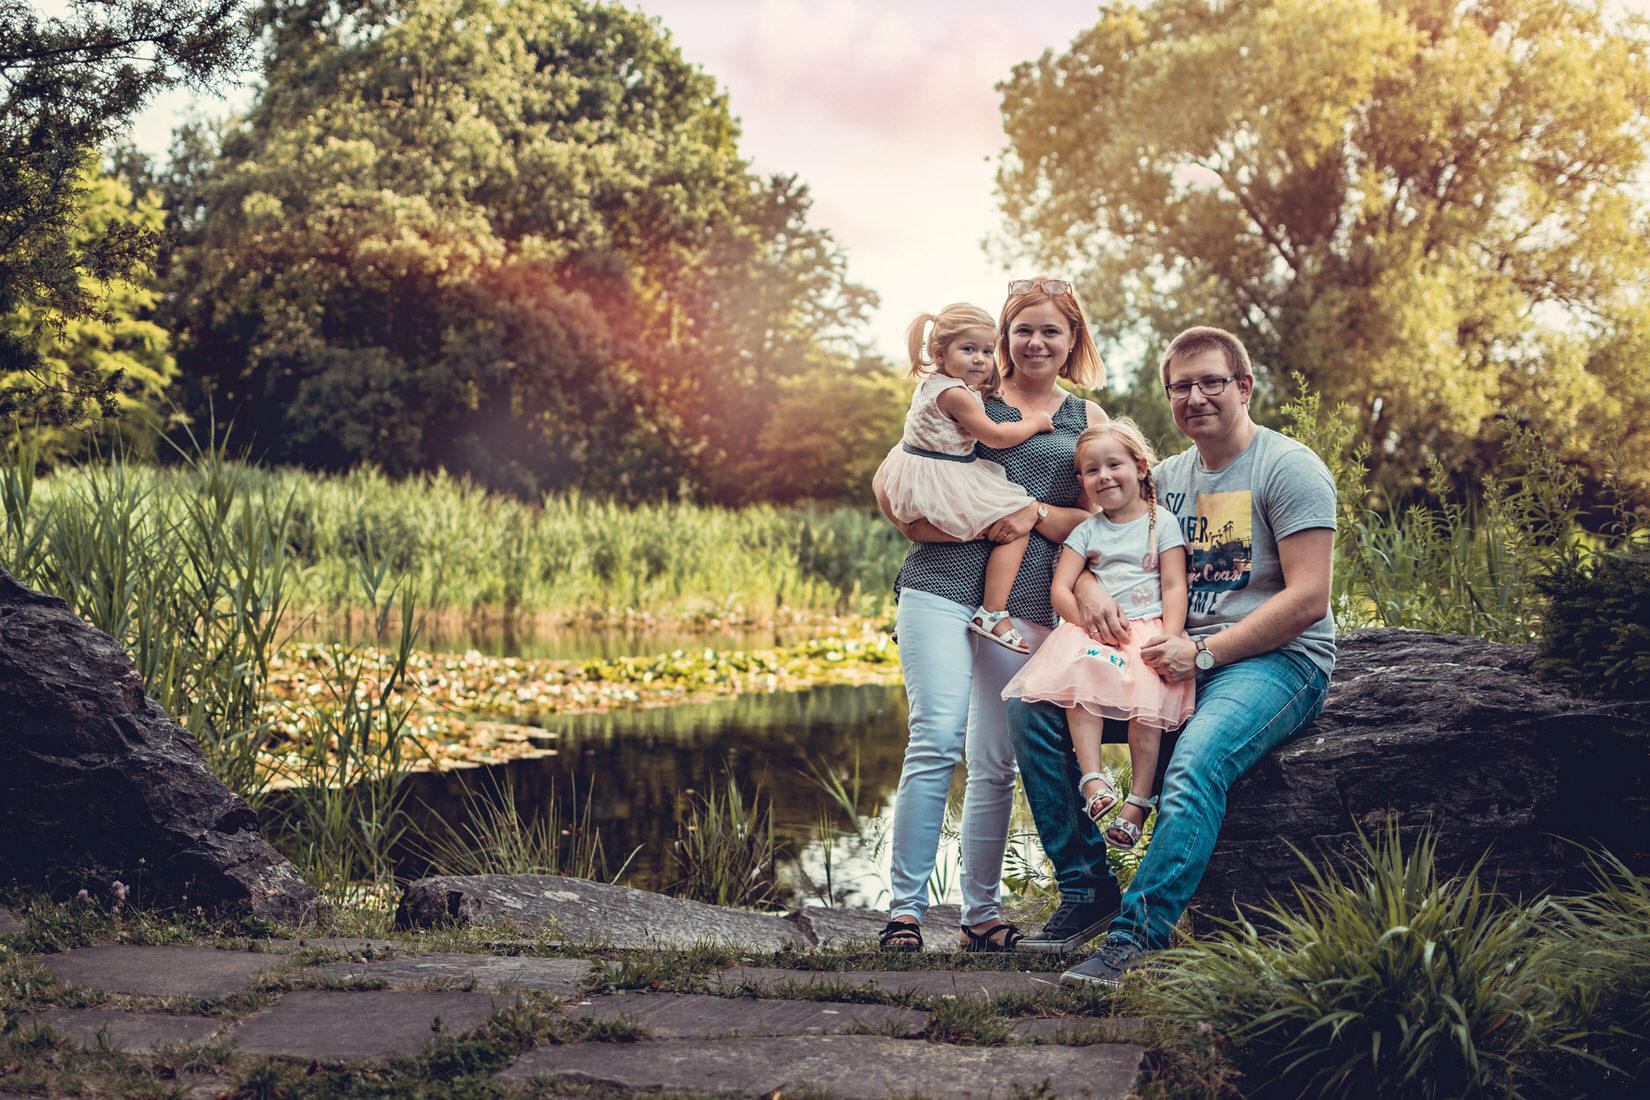 fotograf rodzinny dobry tanio